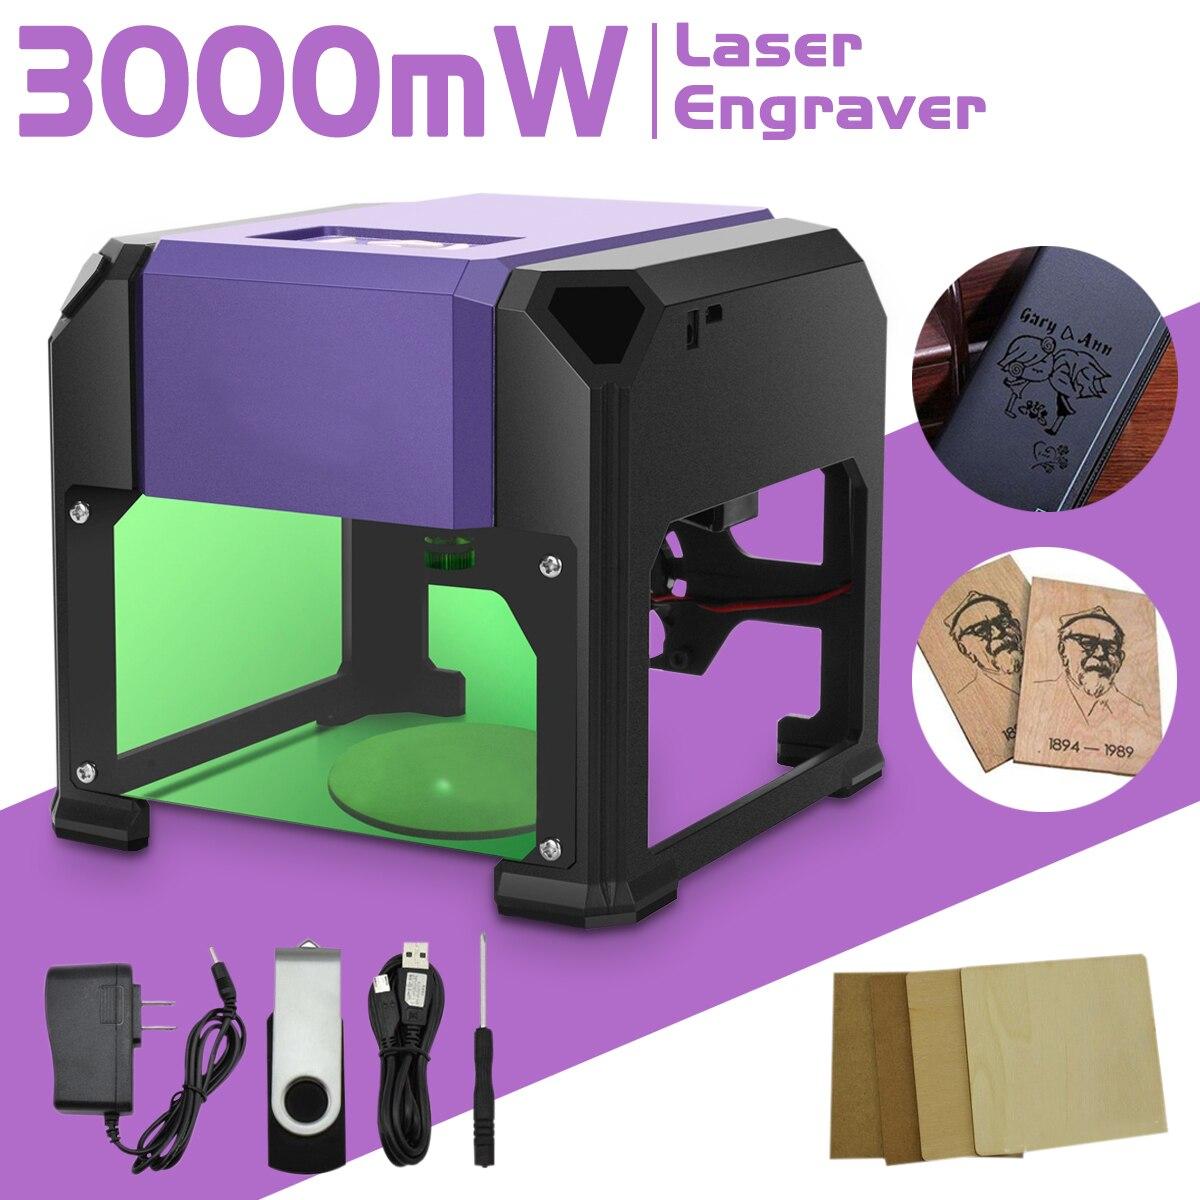 3000 mw USB De Bureau Laser Graveur Machine DIY Logo Marque Imprimante Cutter CNC Laser Sculpture Machine 80x80mm gamme de gravure